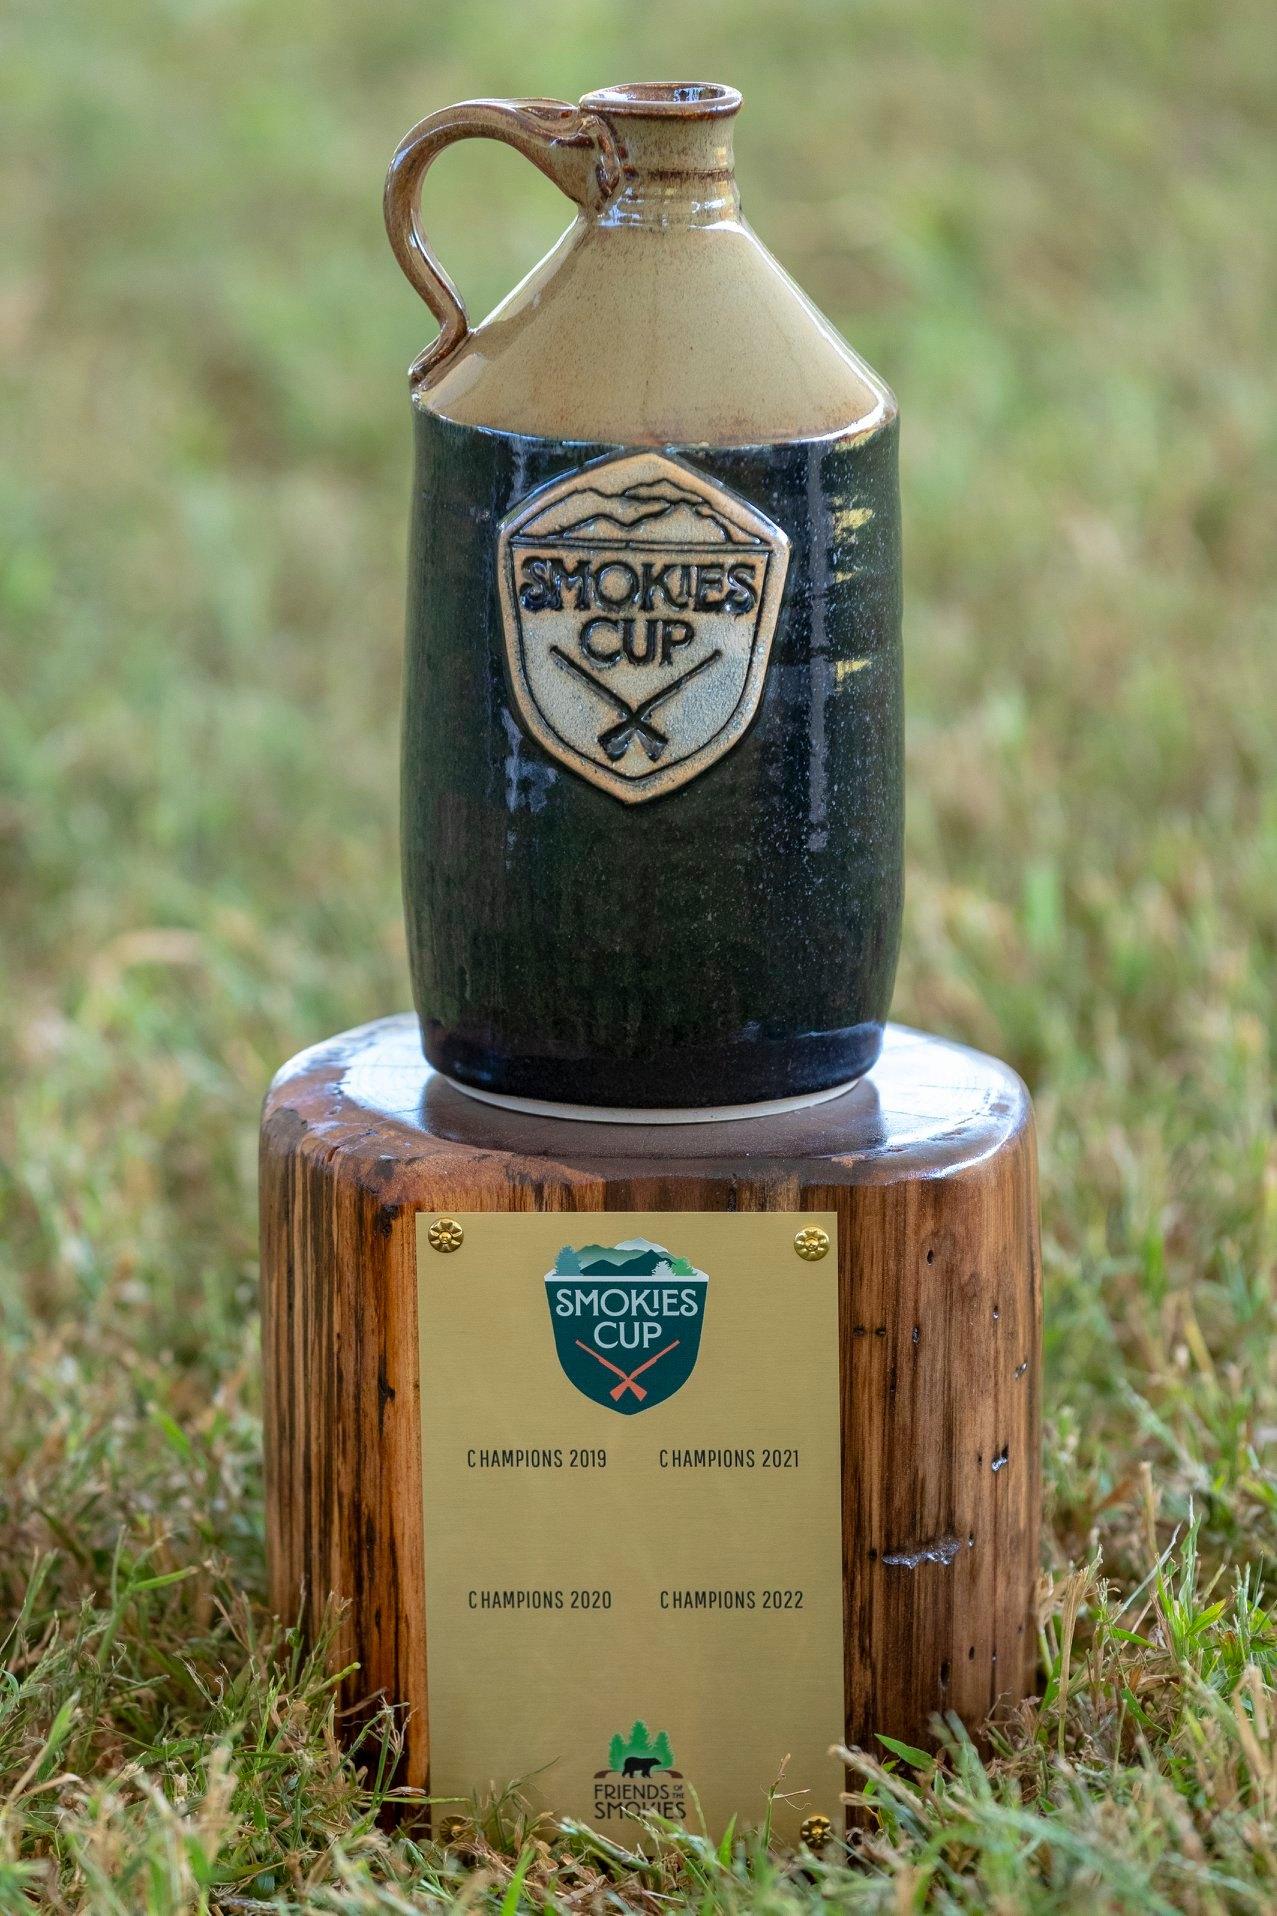 Smokies Cup 2019 award